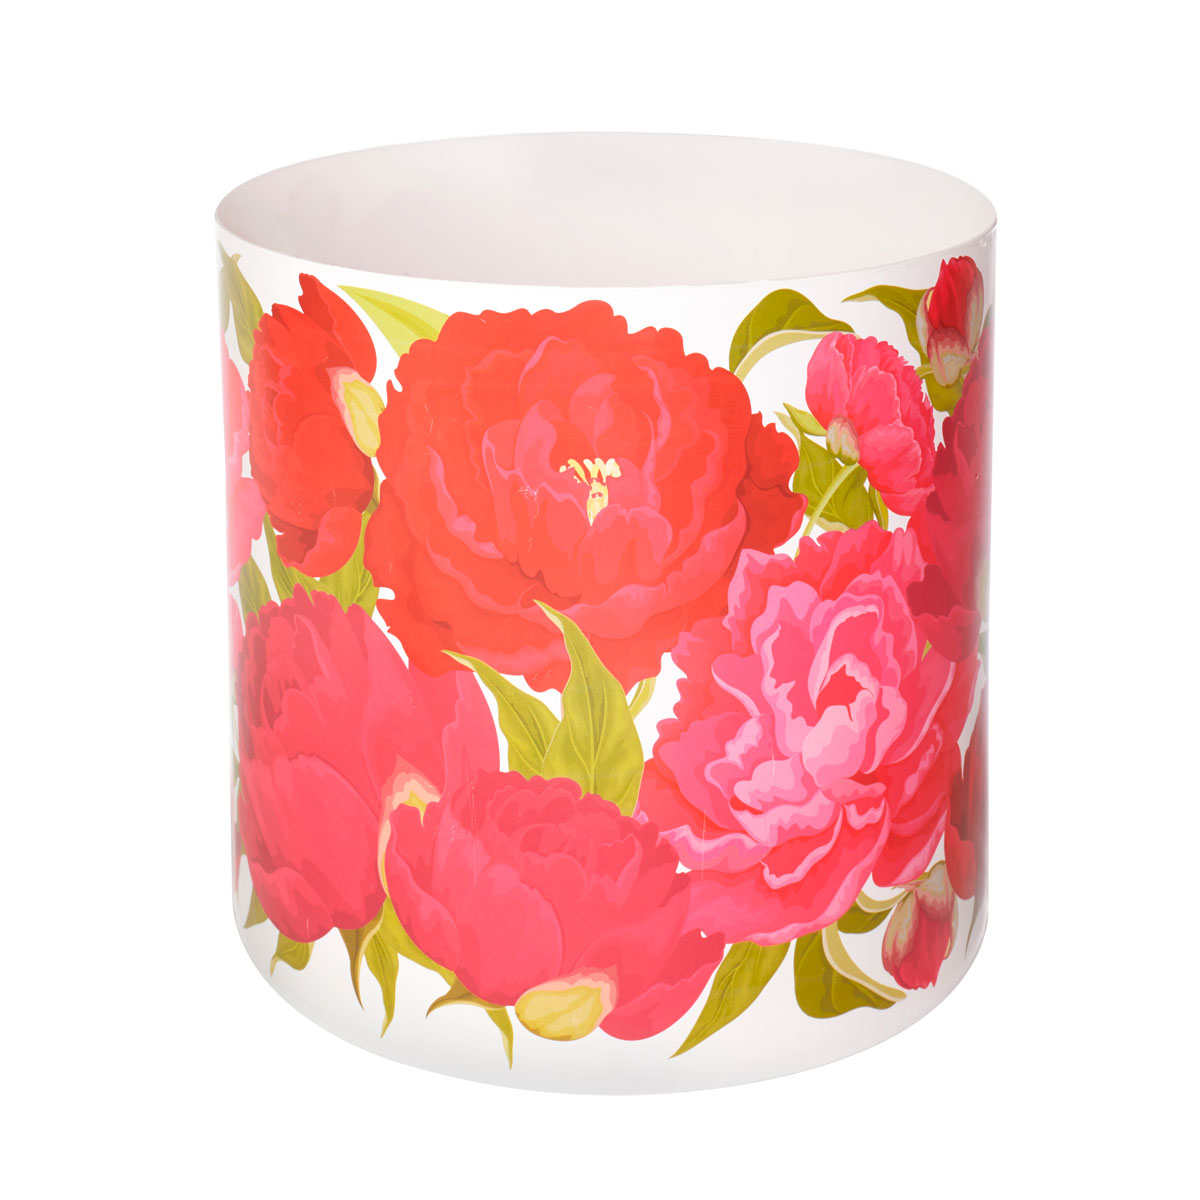 Горшок для цветов Miolla Пионы, со скрытым поддоном, 1 лSMG-22Горшок для цветов Miolla Пионы со скрытым поддоном выполнен из пластика.Диаметр горшка: 11,5 см.Высота горшка (с учетом поддона): 11,5 см.Объем горшка: 1 л.